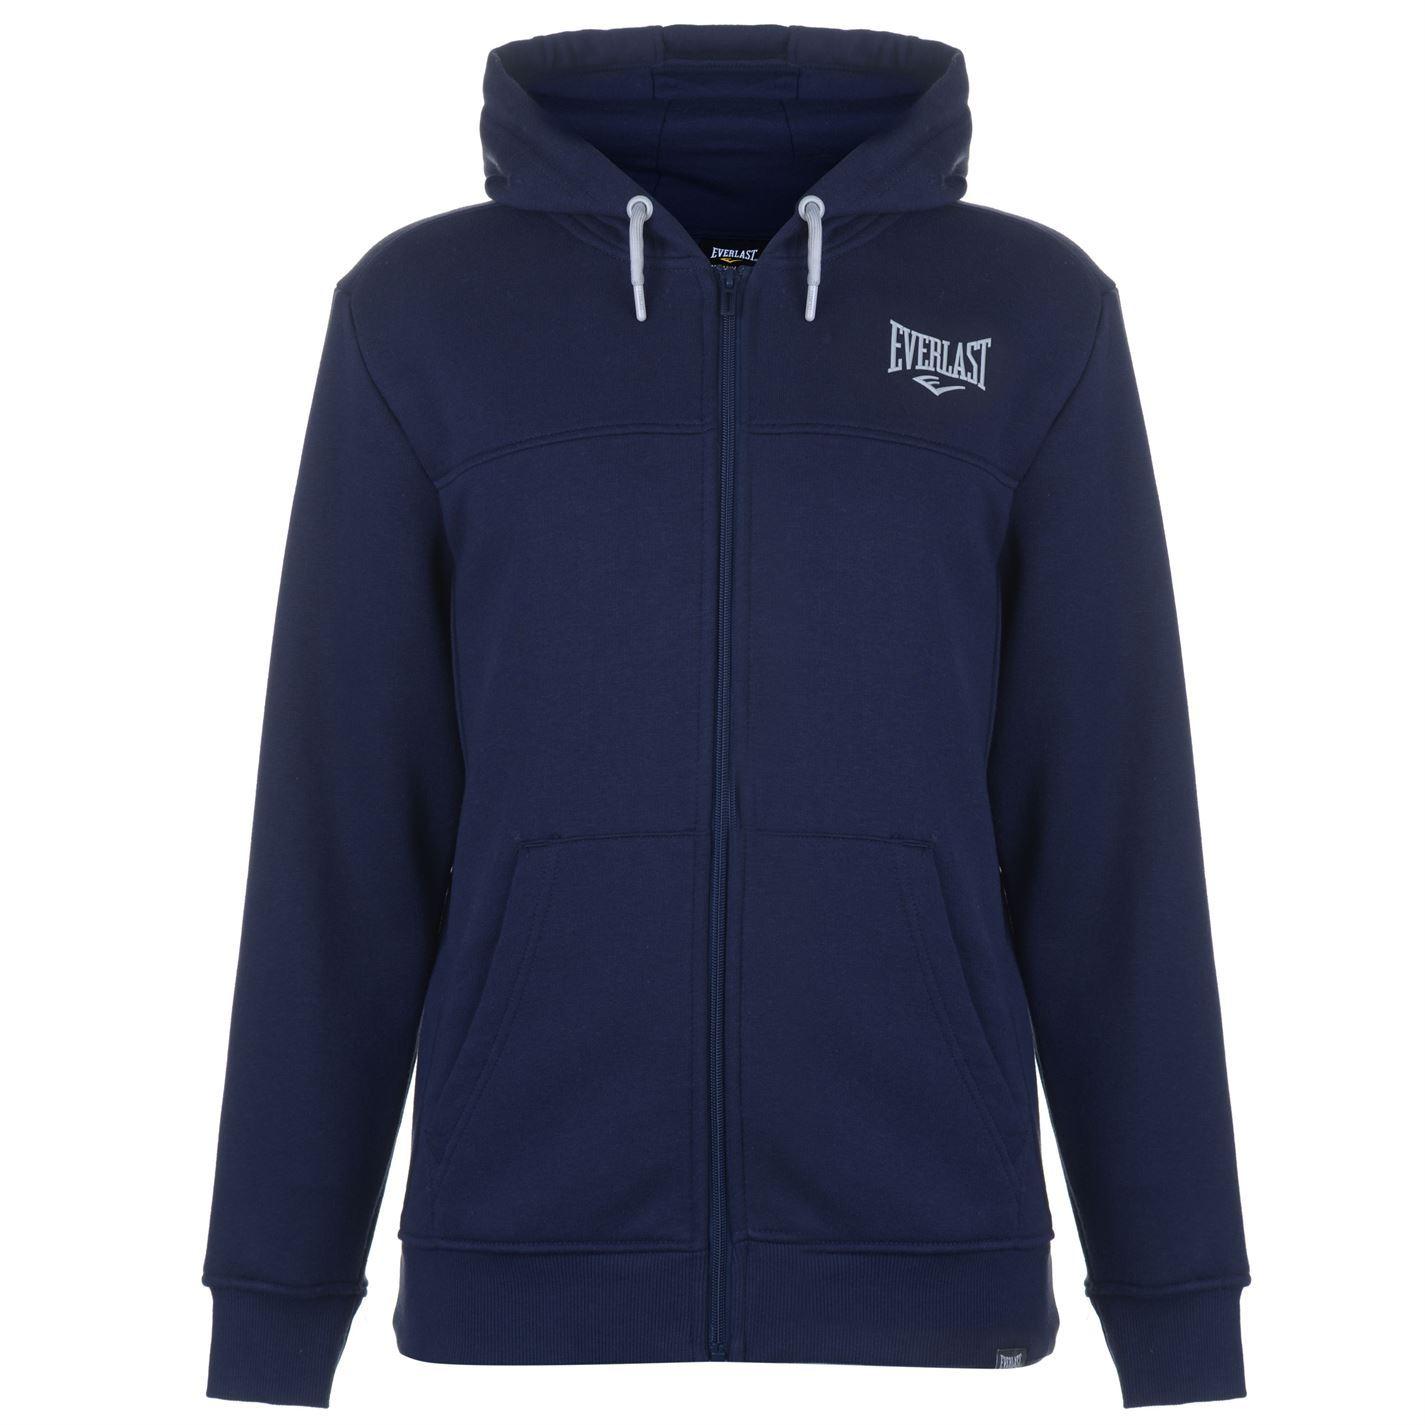 Everlast-Logo-Full-Zip-Hoody-Jacket-Mens-Hoodie-Sweatshirt-Sweater-Hooded-Top thumbnail 16